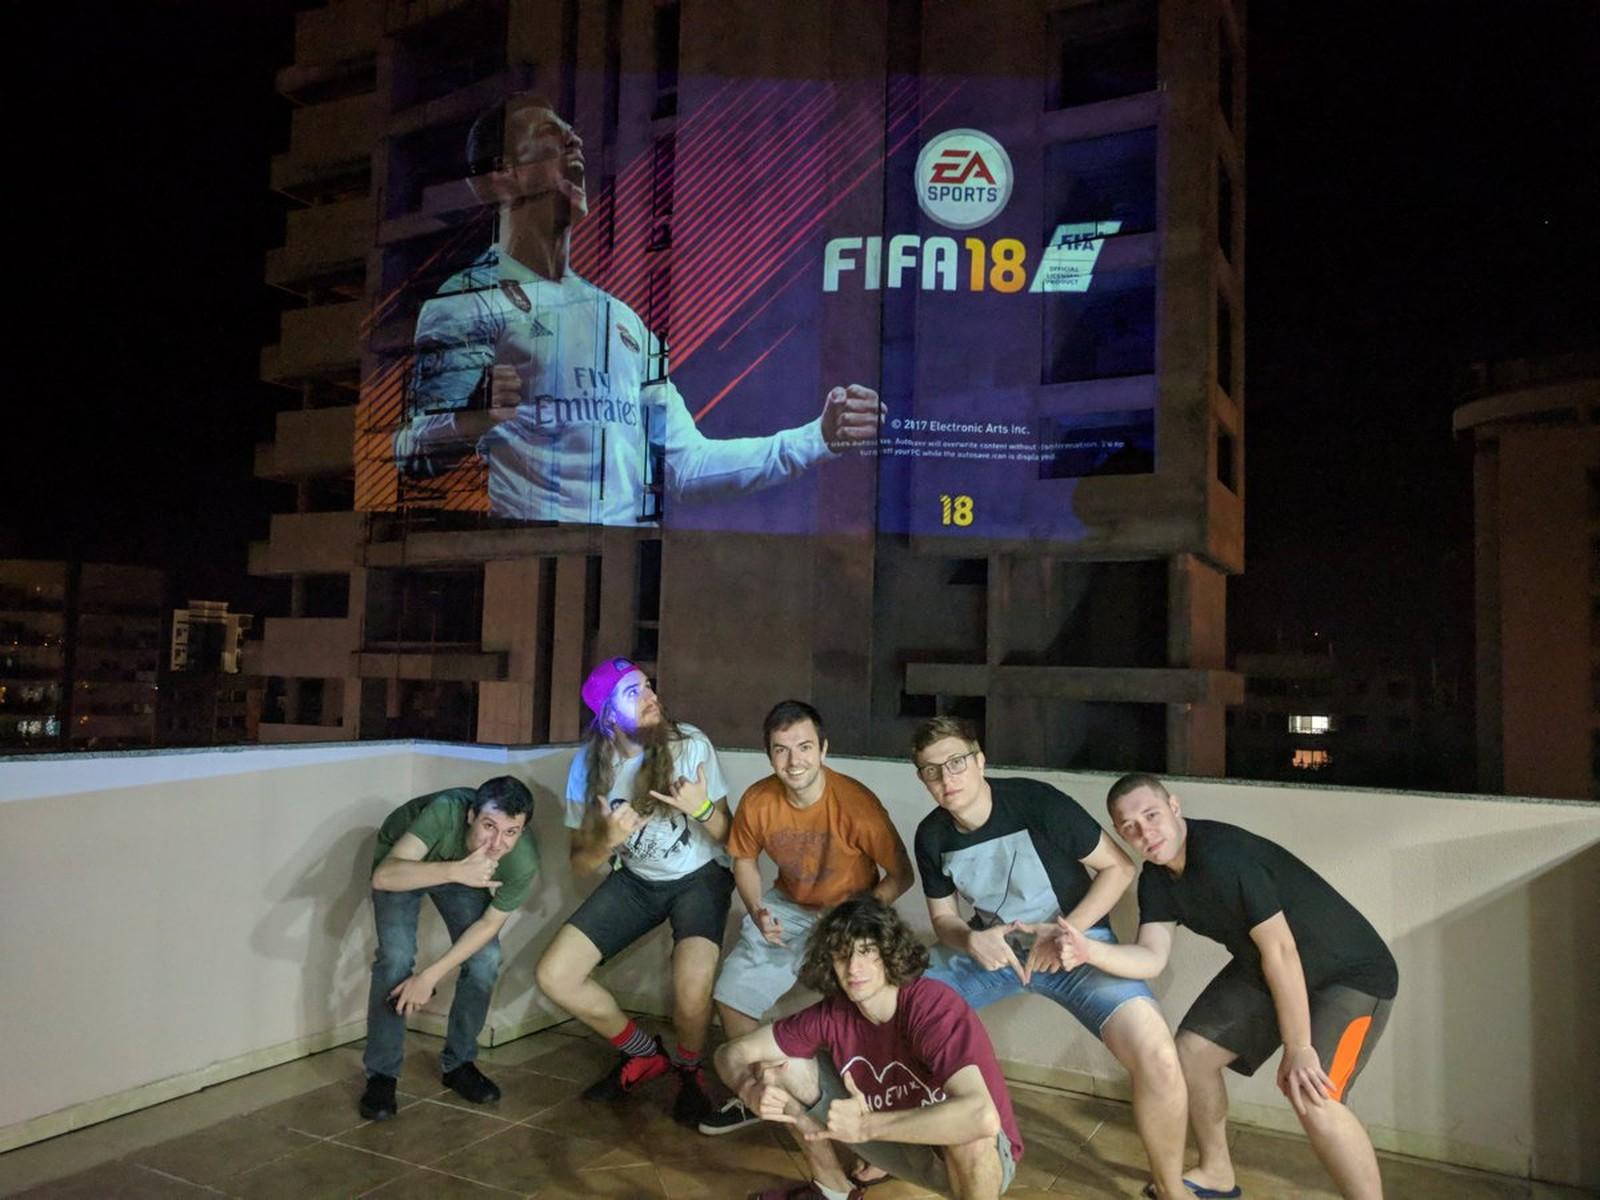 Churrasco e FIFA: gamers projetam jogo de futebol em um prédio no Paraná